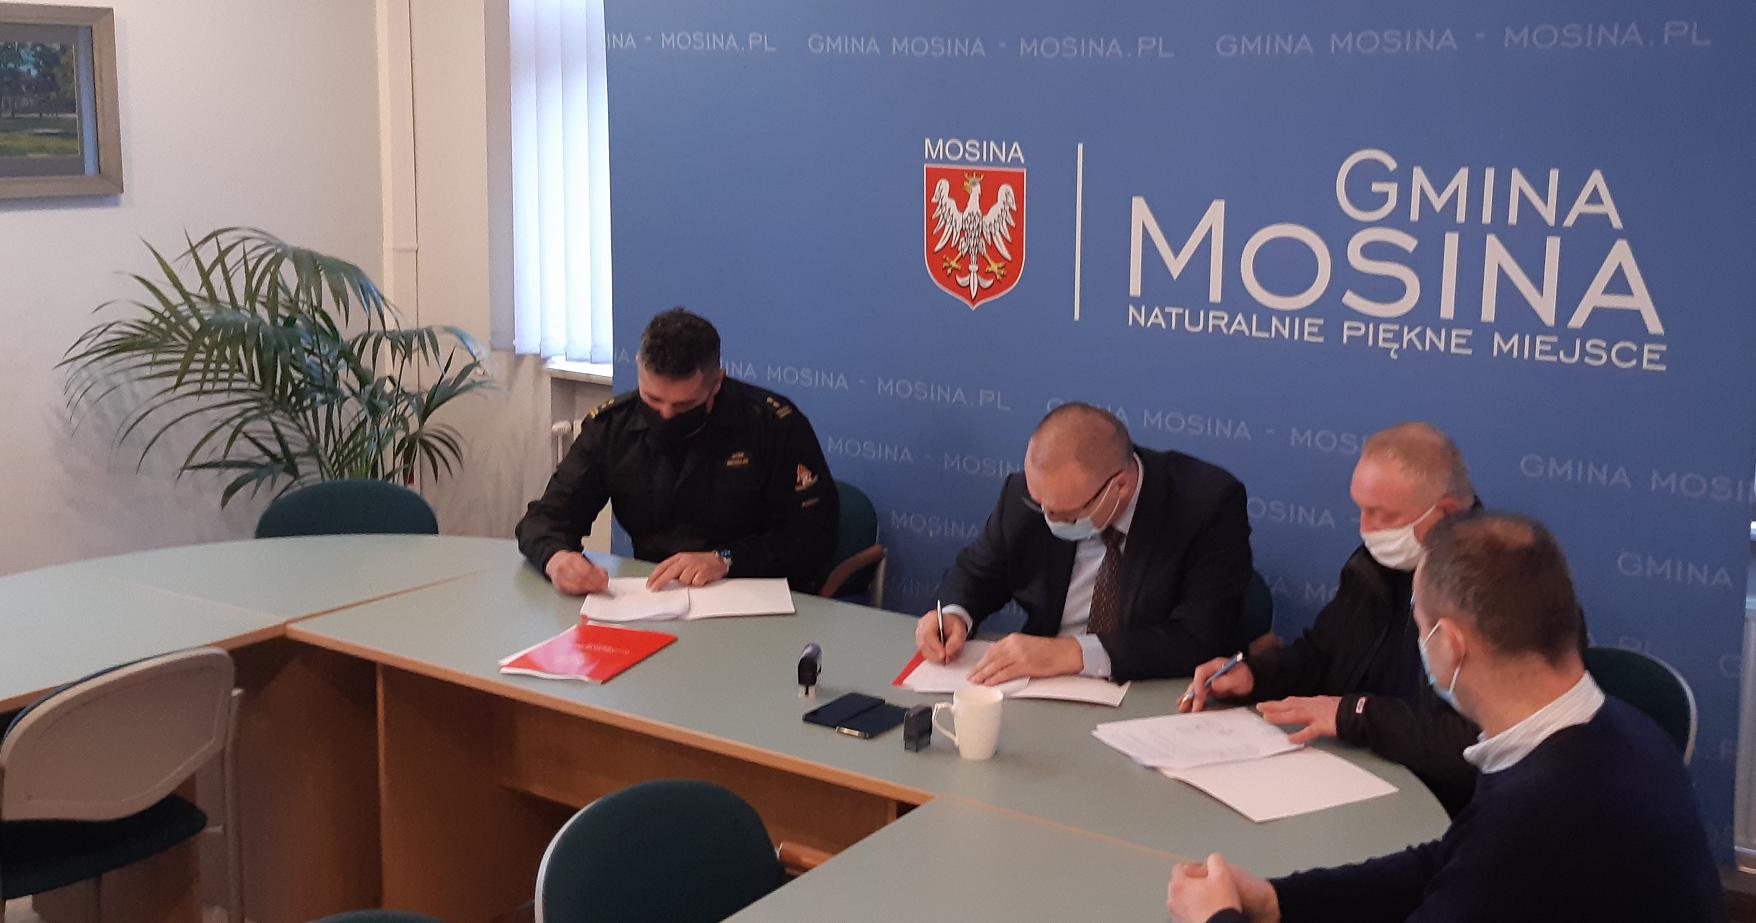 Podpisanie umowy w Mosinie